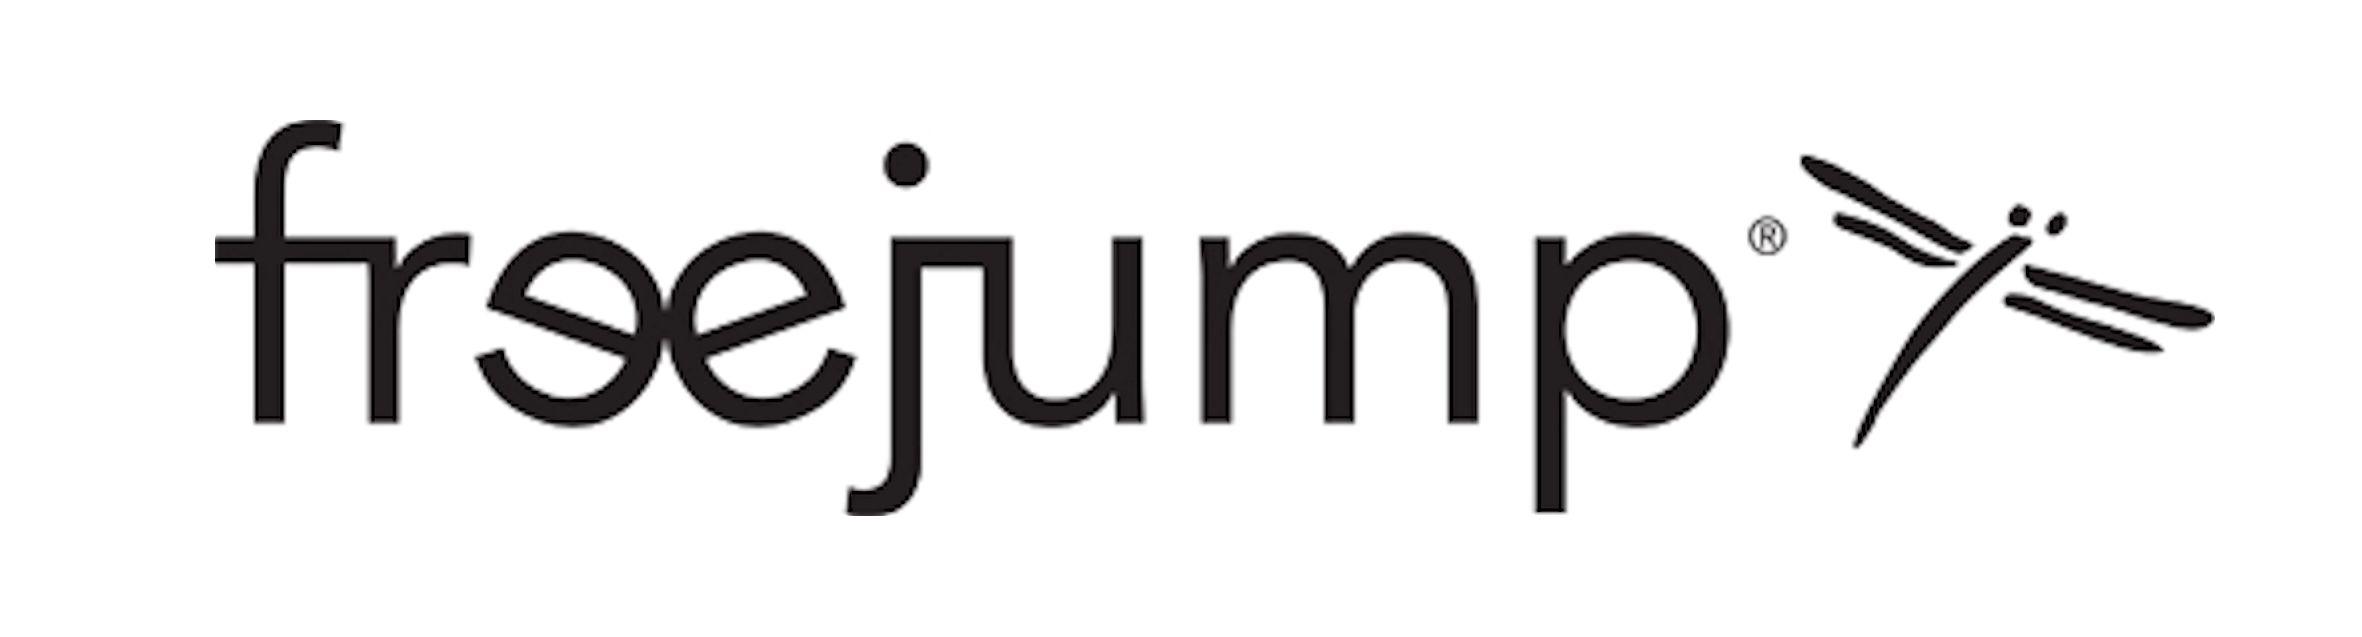 Freejumpsystem